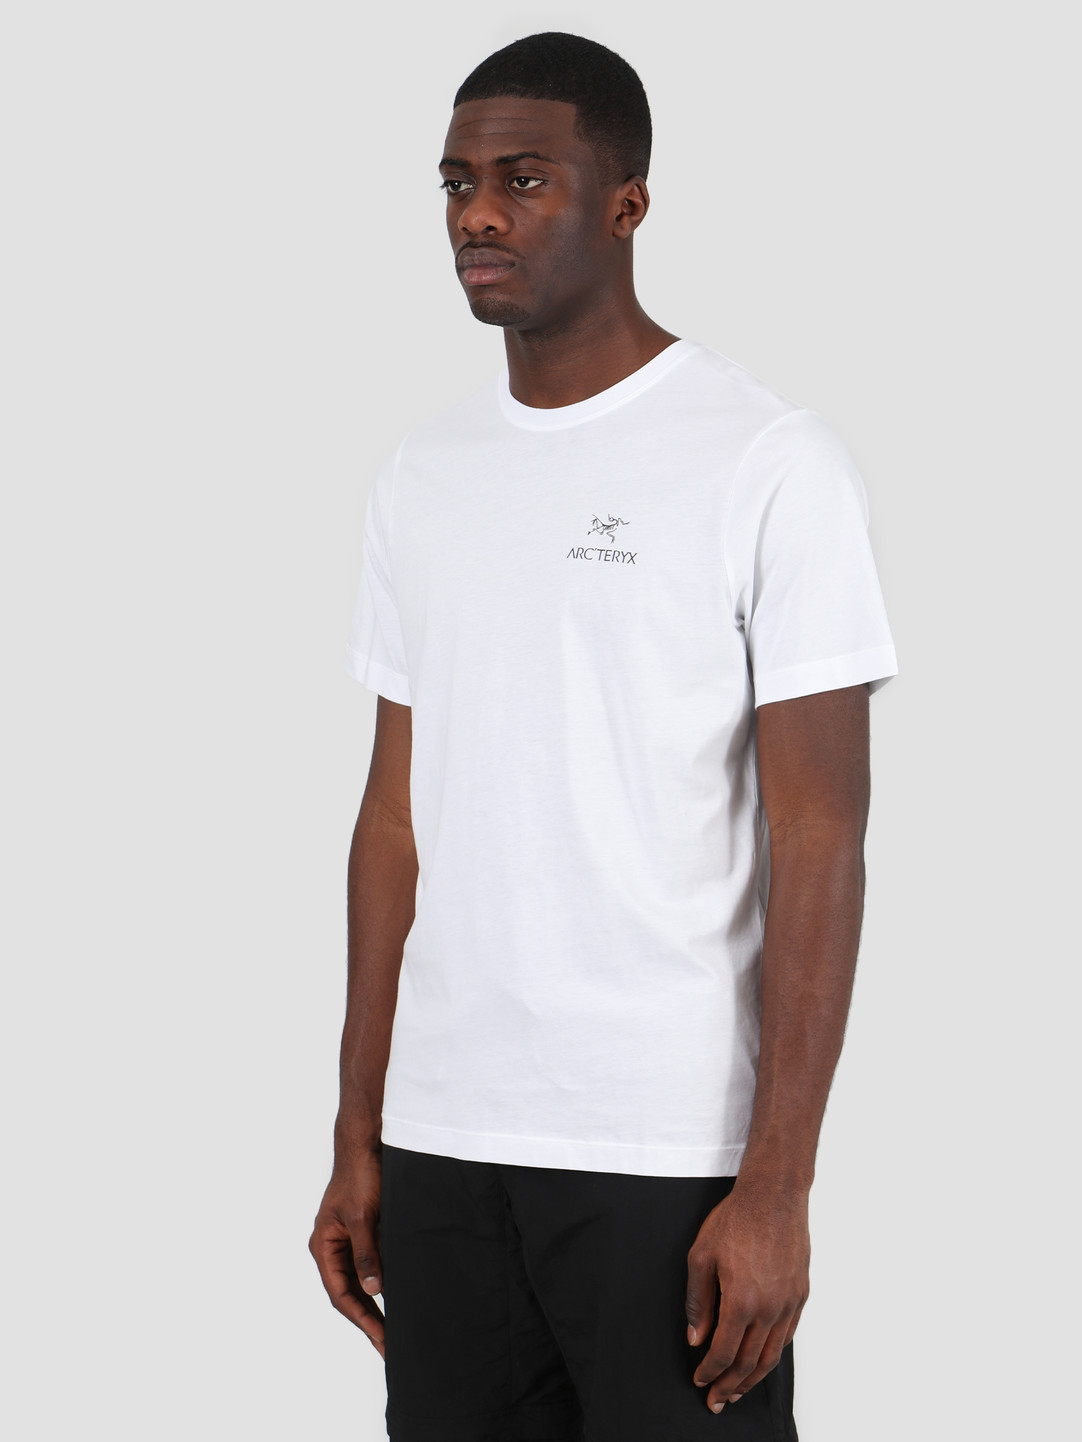 Arc'teryx Arc'teryx Emblem T-Shirt White 24026